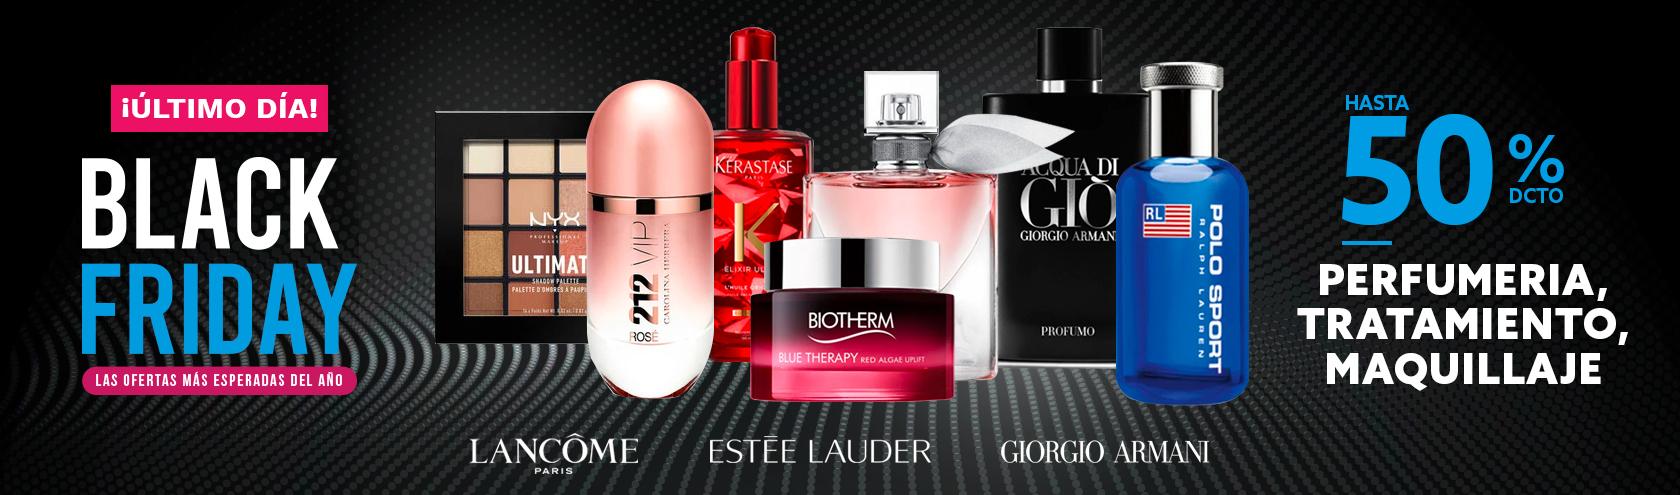 Hasta 50 porciento de descuento en Perfumeria, Tratamiento, Maquillaje